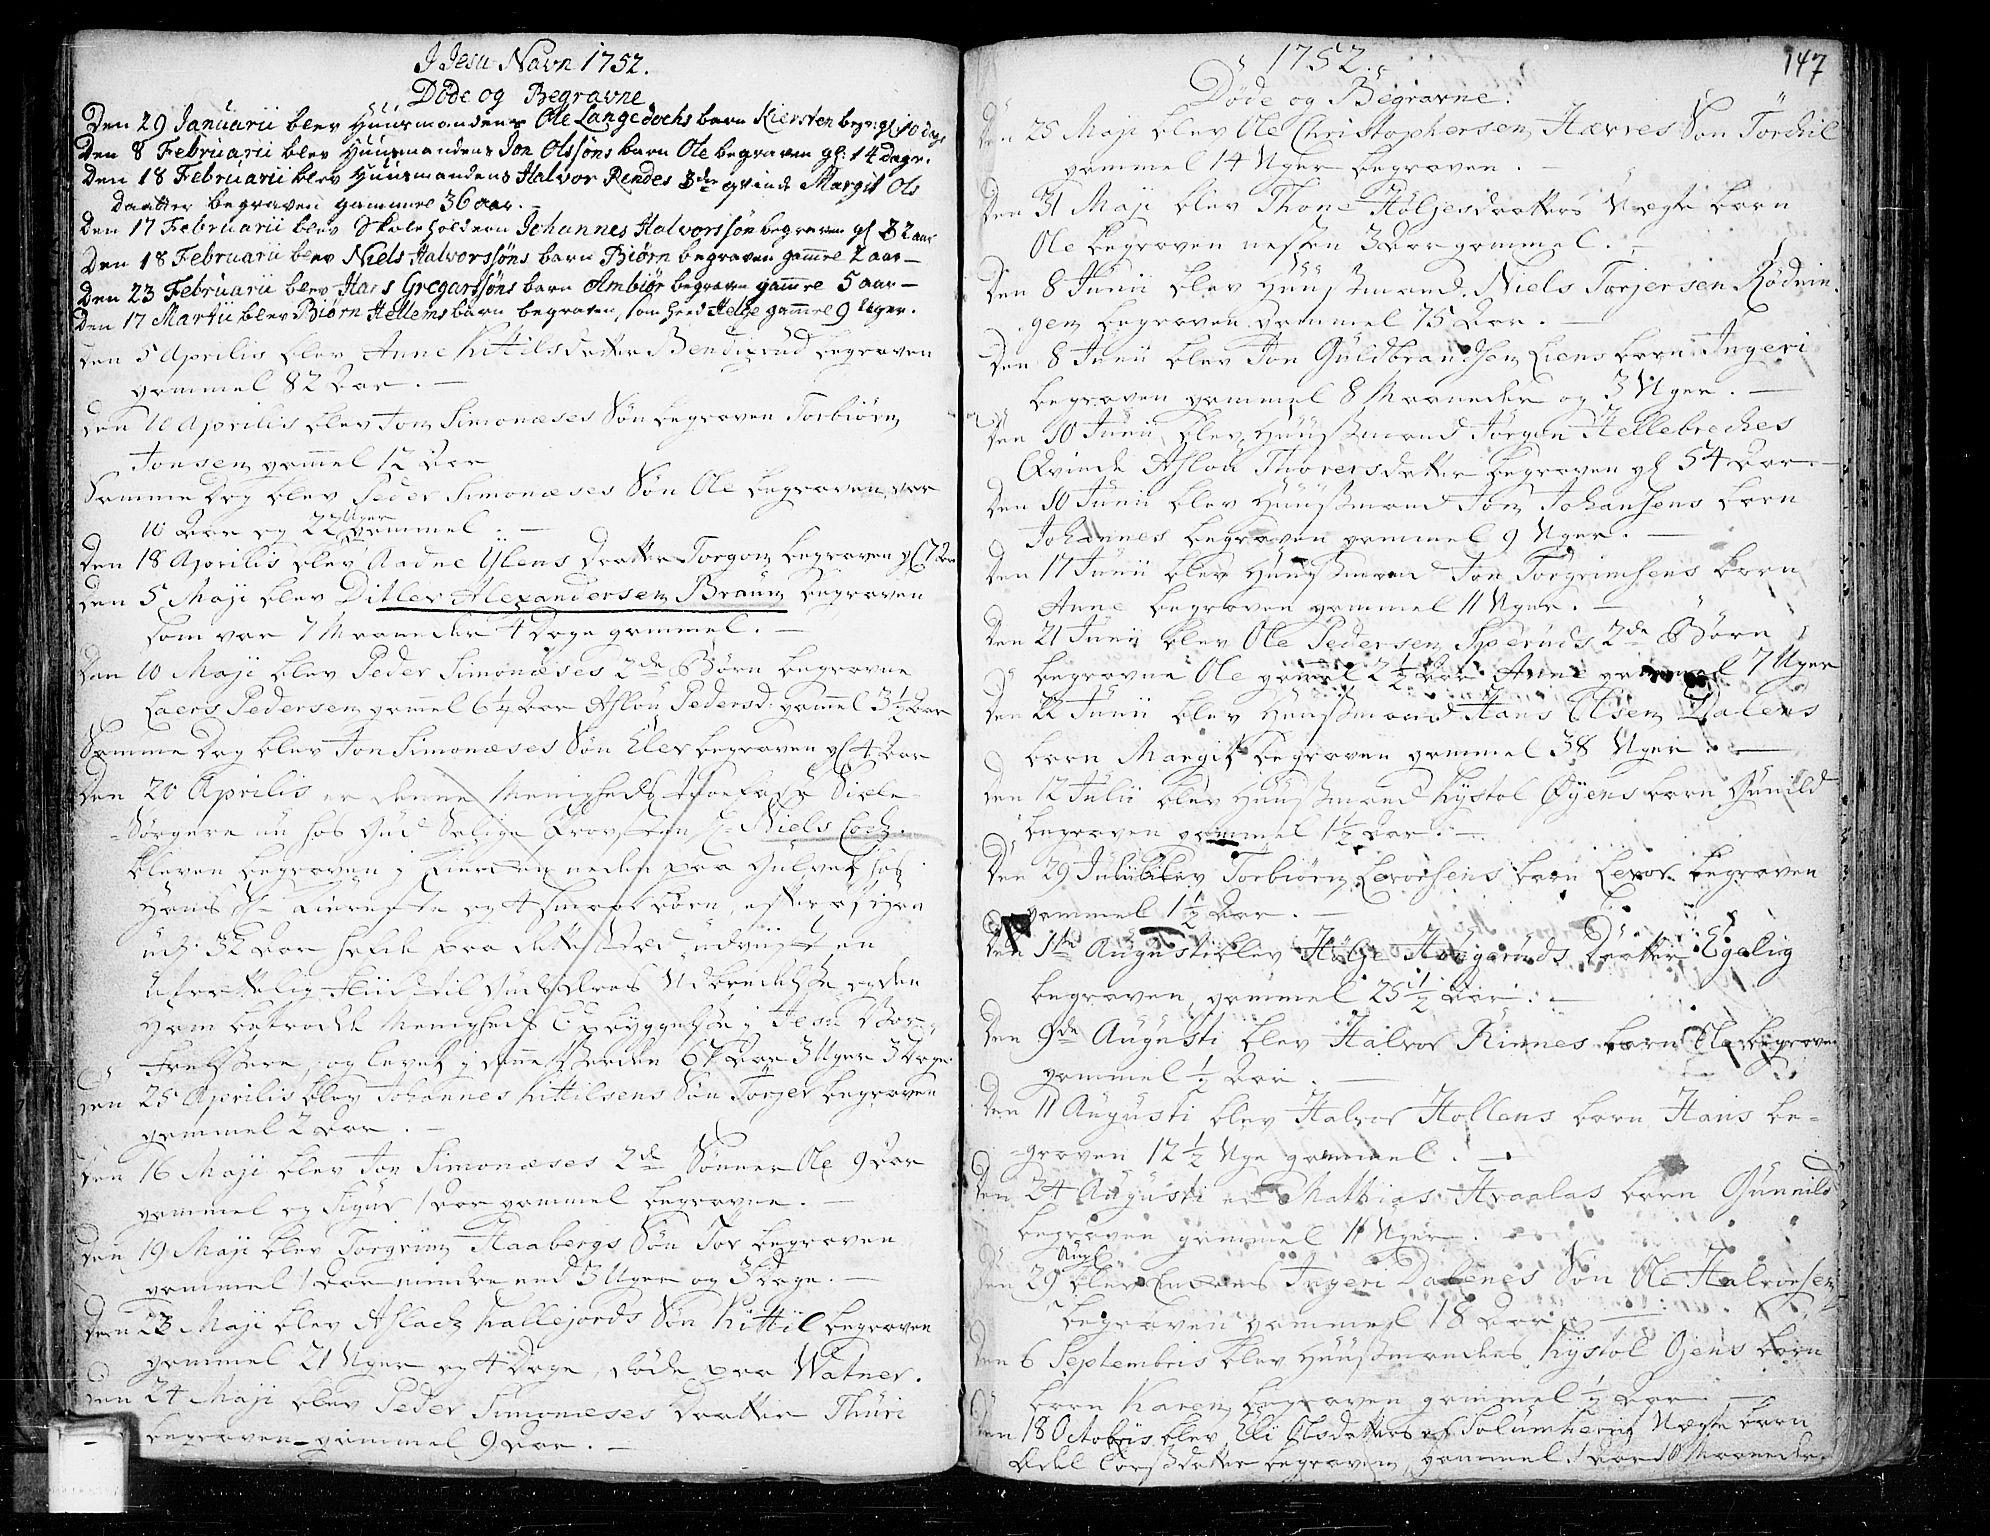 SAKO, Heddal kirkebøker, F/Fa/L0003: Ministerialbok nr. I 3, 1723-1783, s. 147